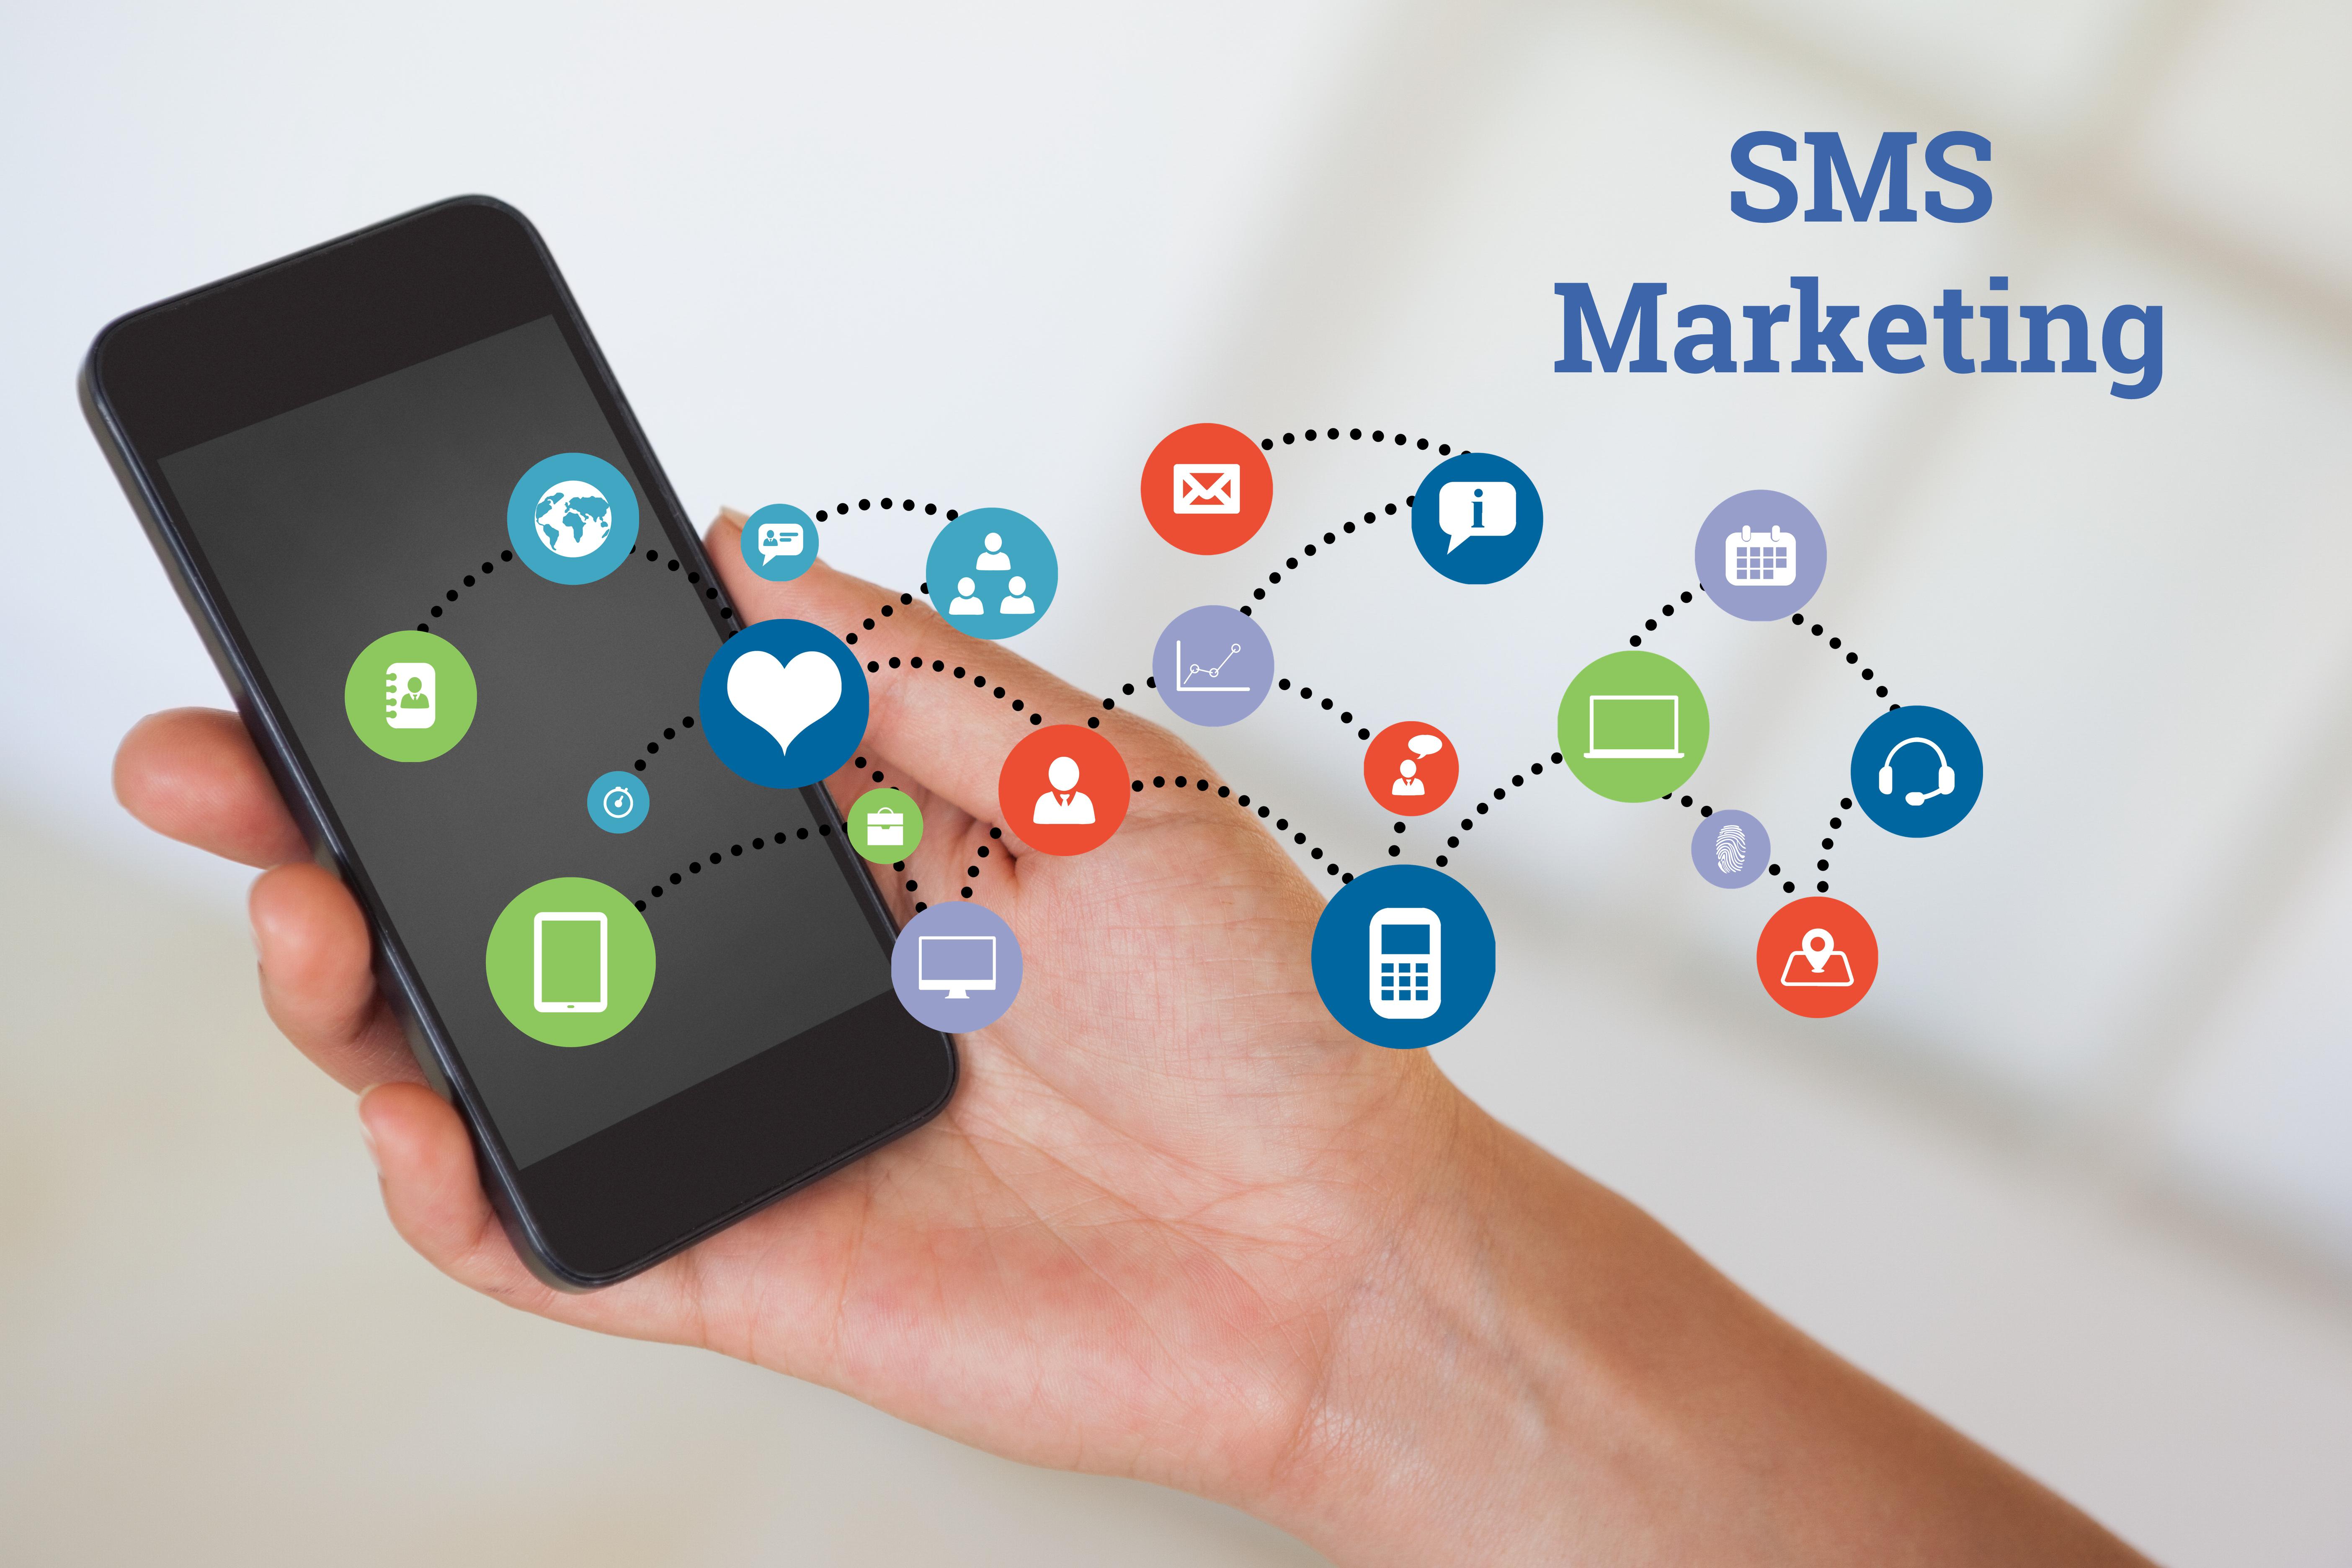 SMS Marketing - Inology India